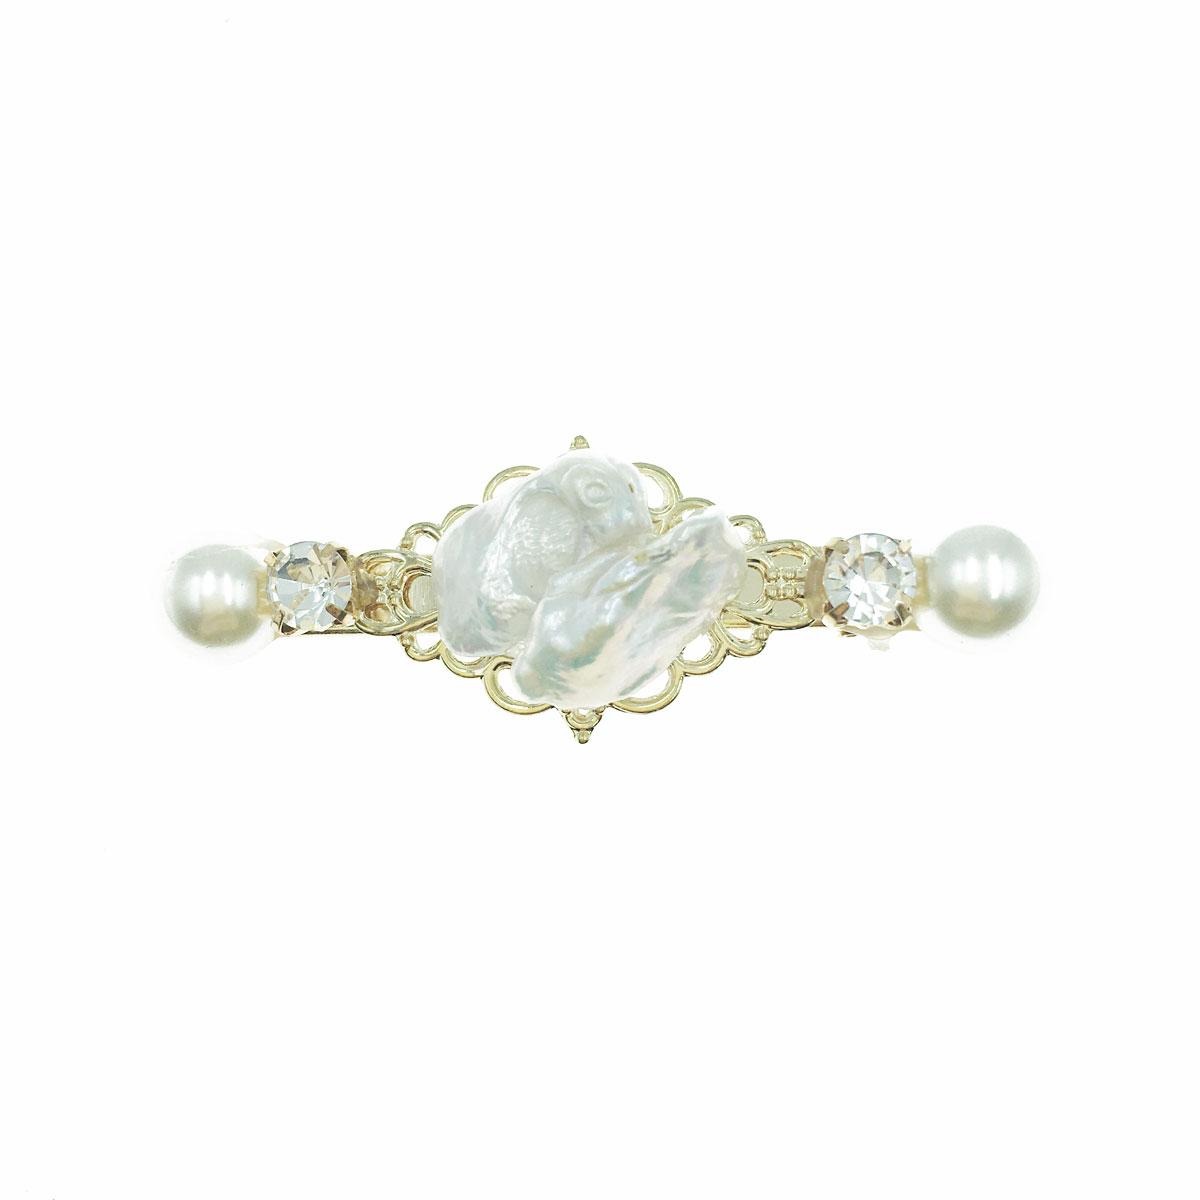 韓國 天然珠 水鑽 珍珠 金邊 壓夾 髮夾